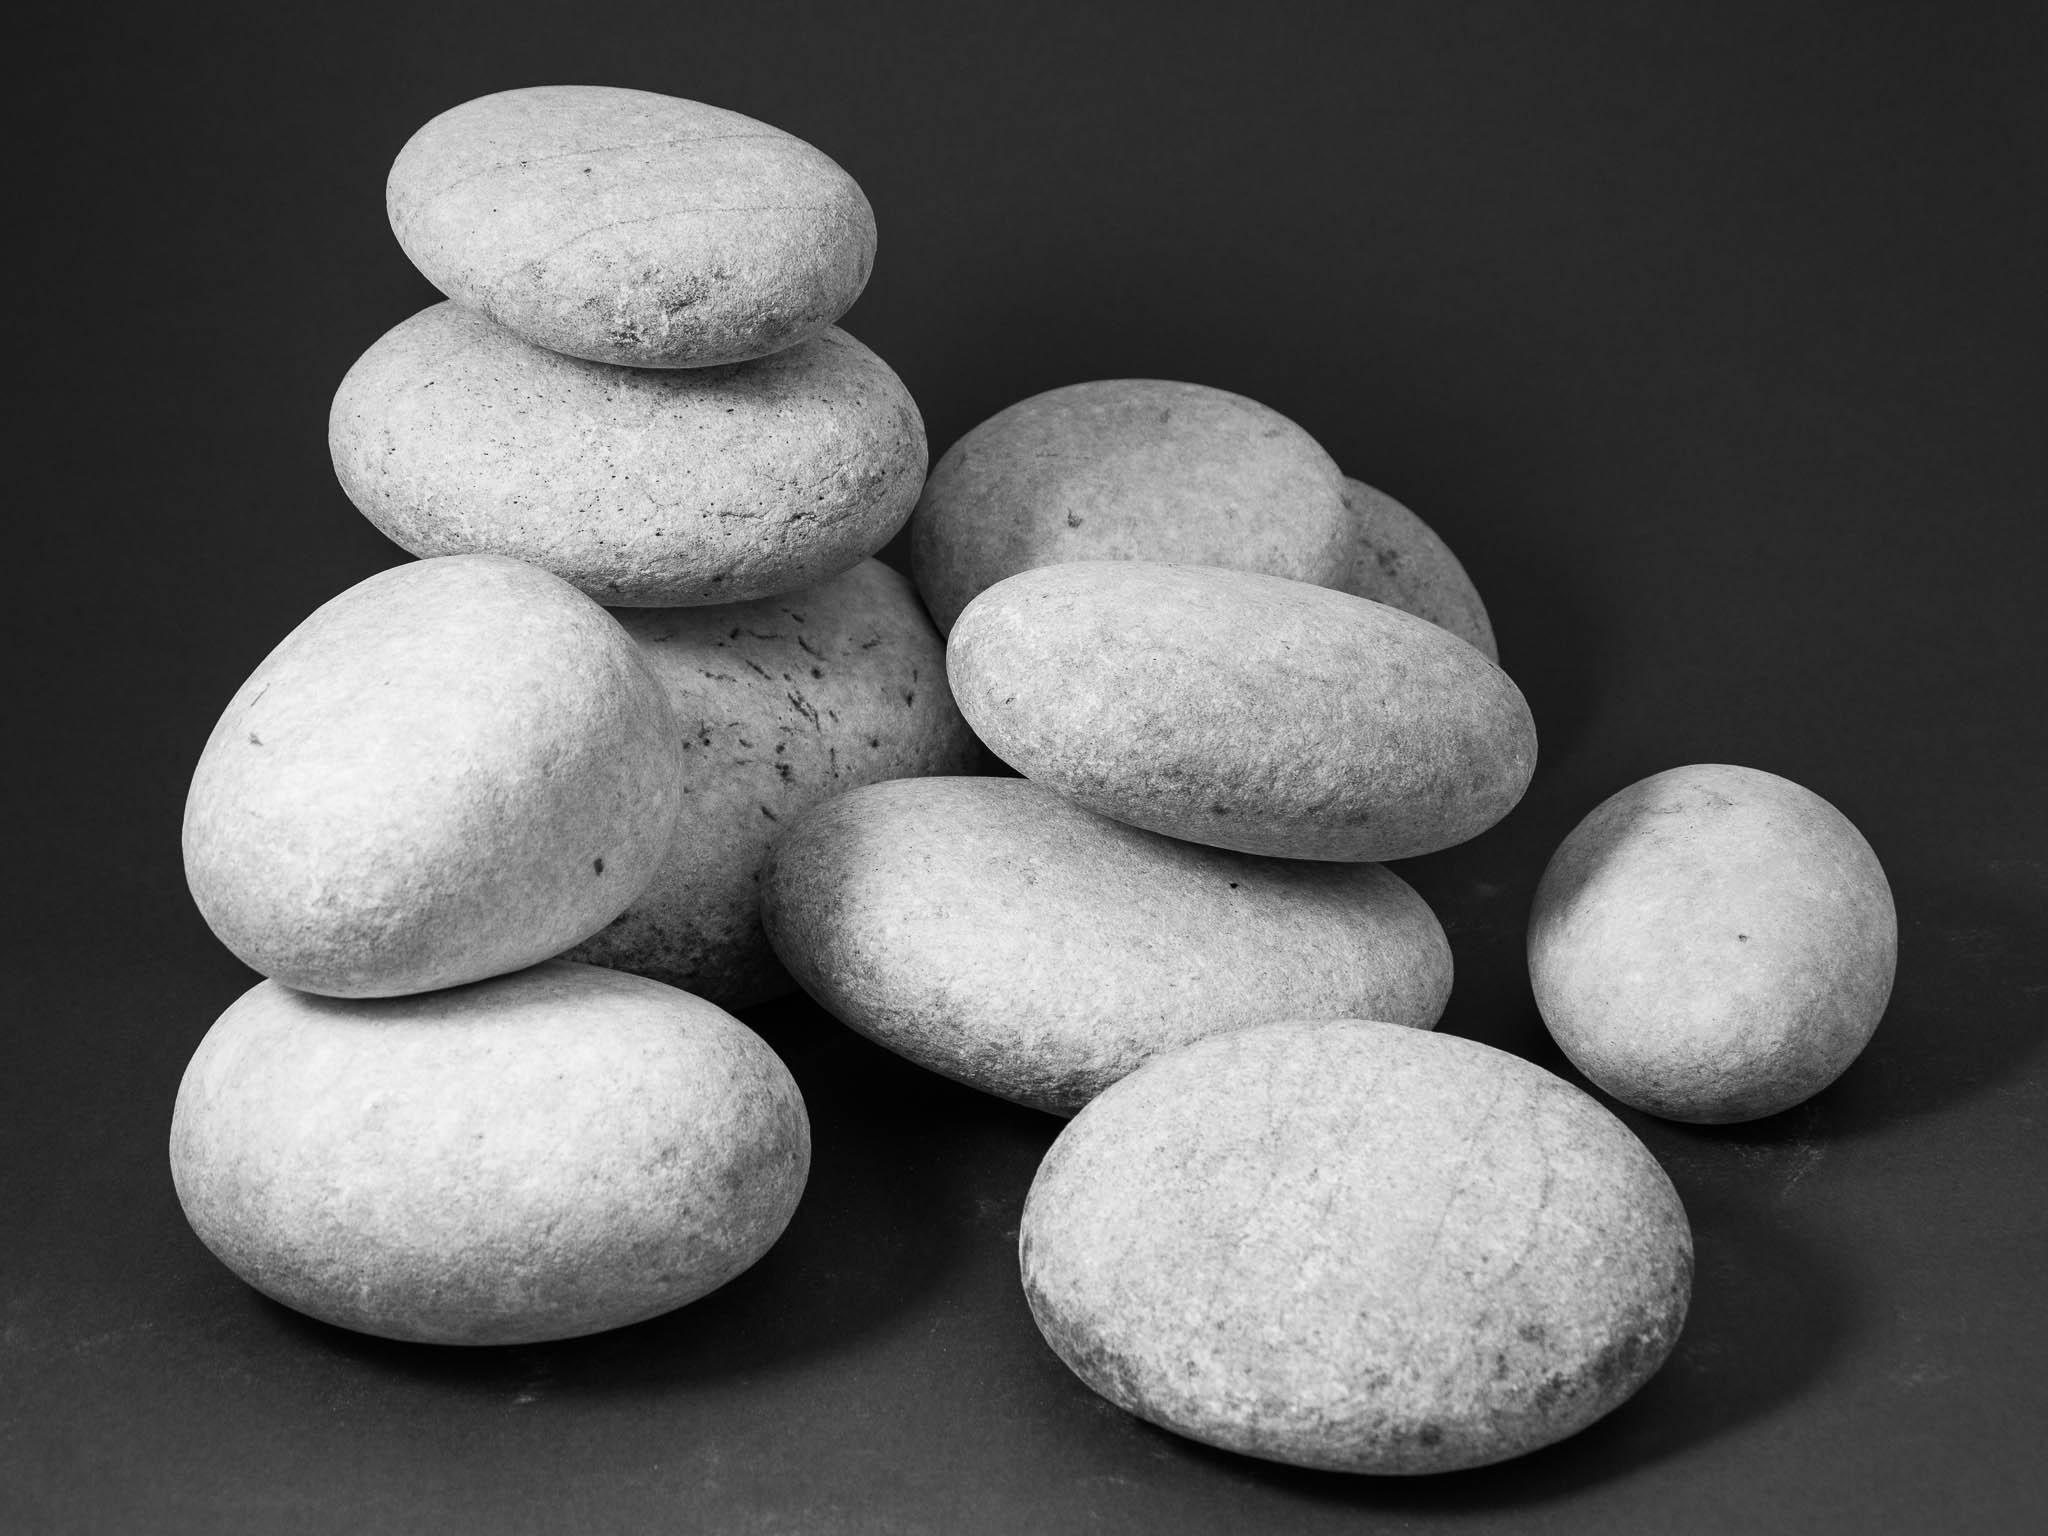 Stones study